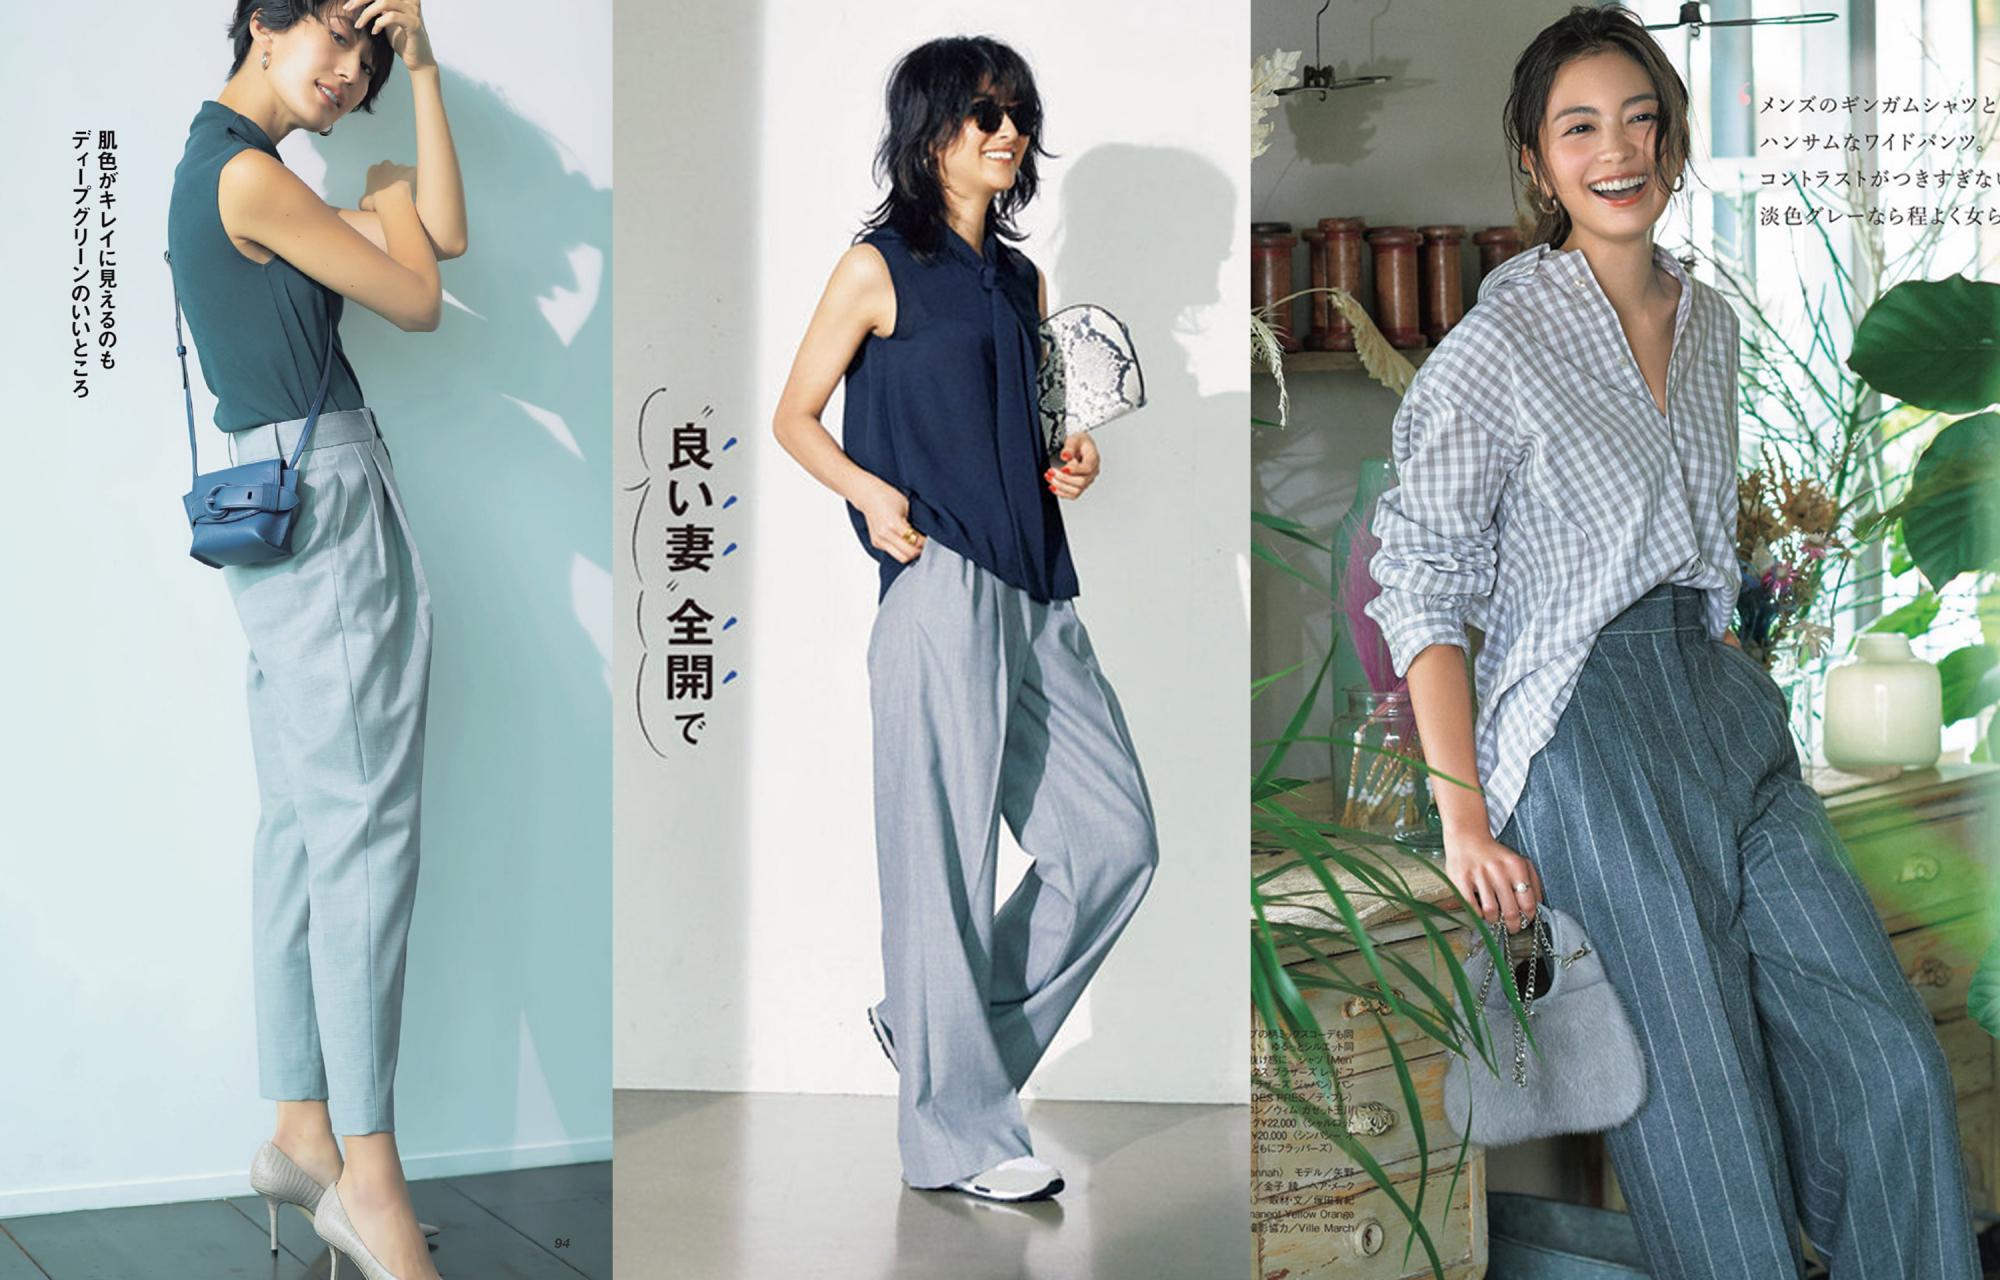 不挑身材还百搭显精神,这条灰色西装裤有点优秀